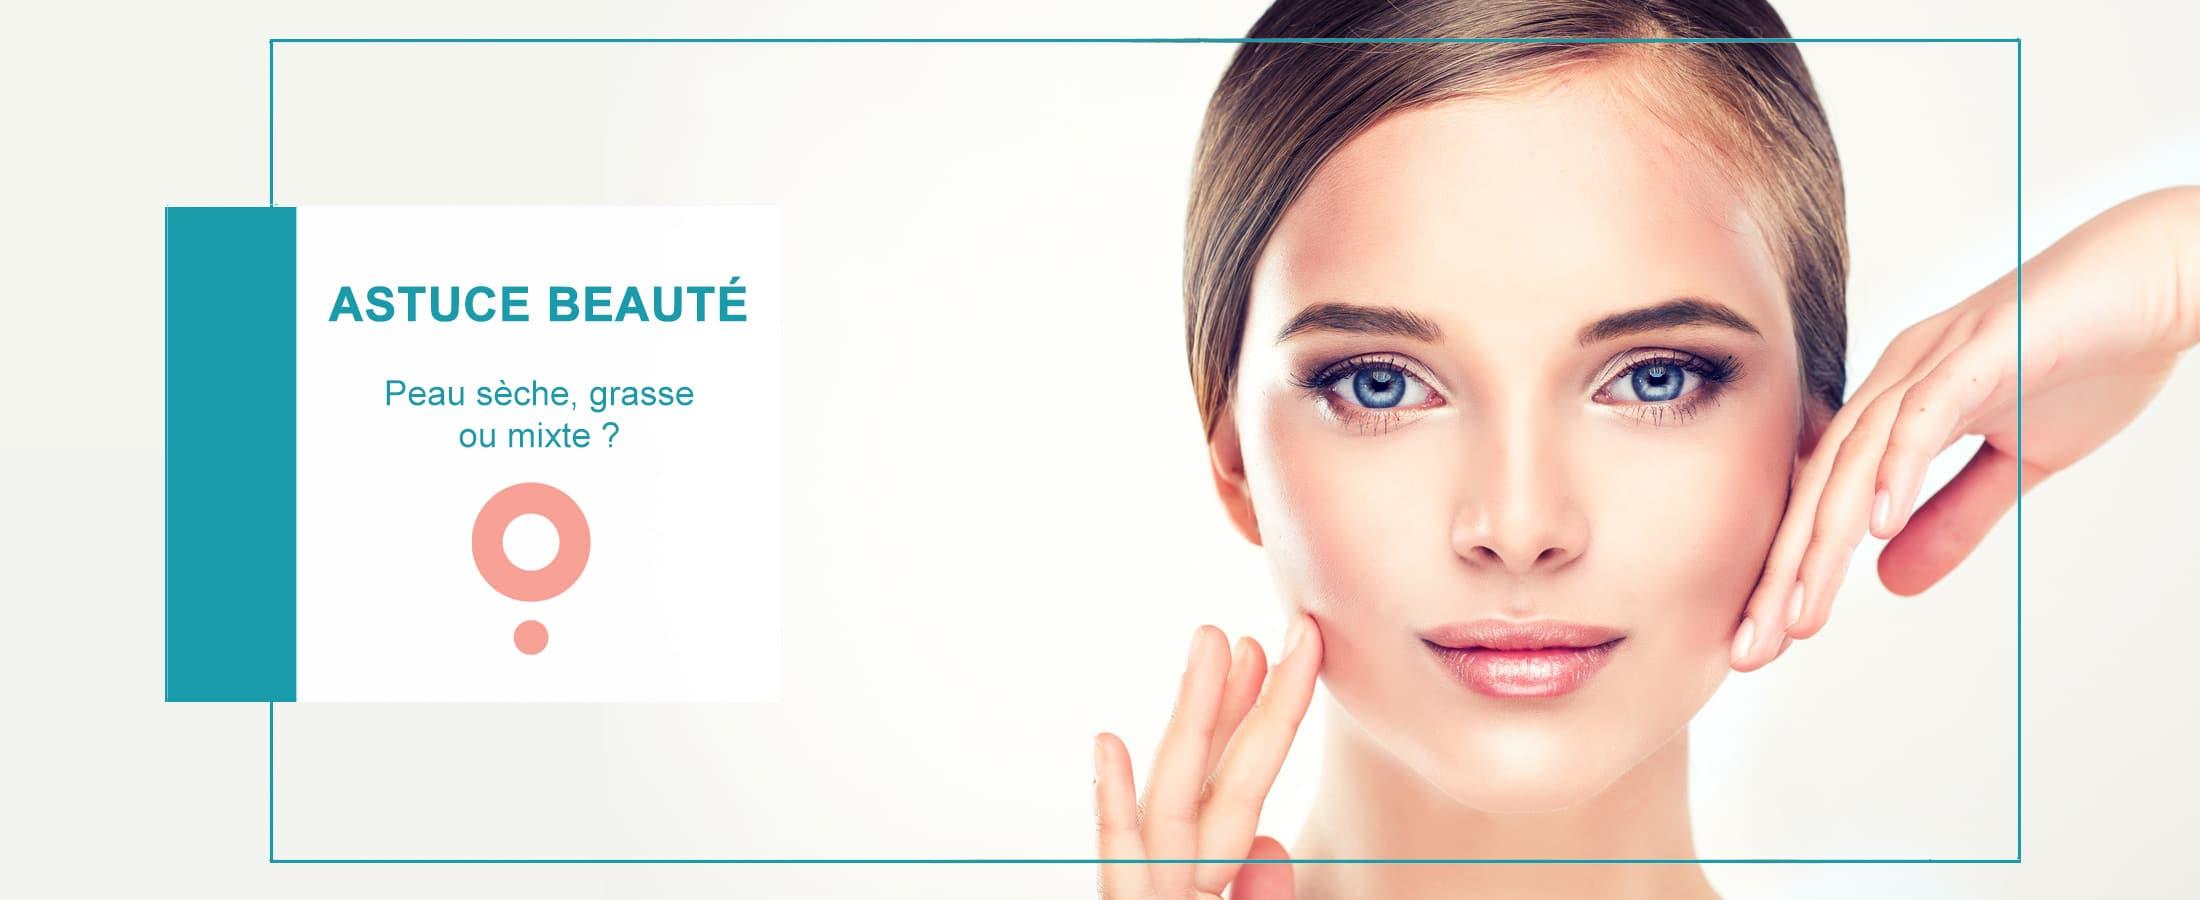 Les types de peau : sèche, grasse ou mixte. Astuce beauté institut de beauté Citron Vert